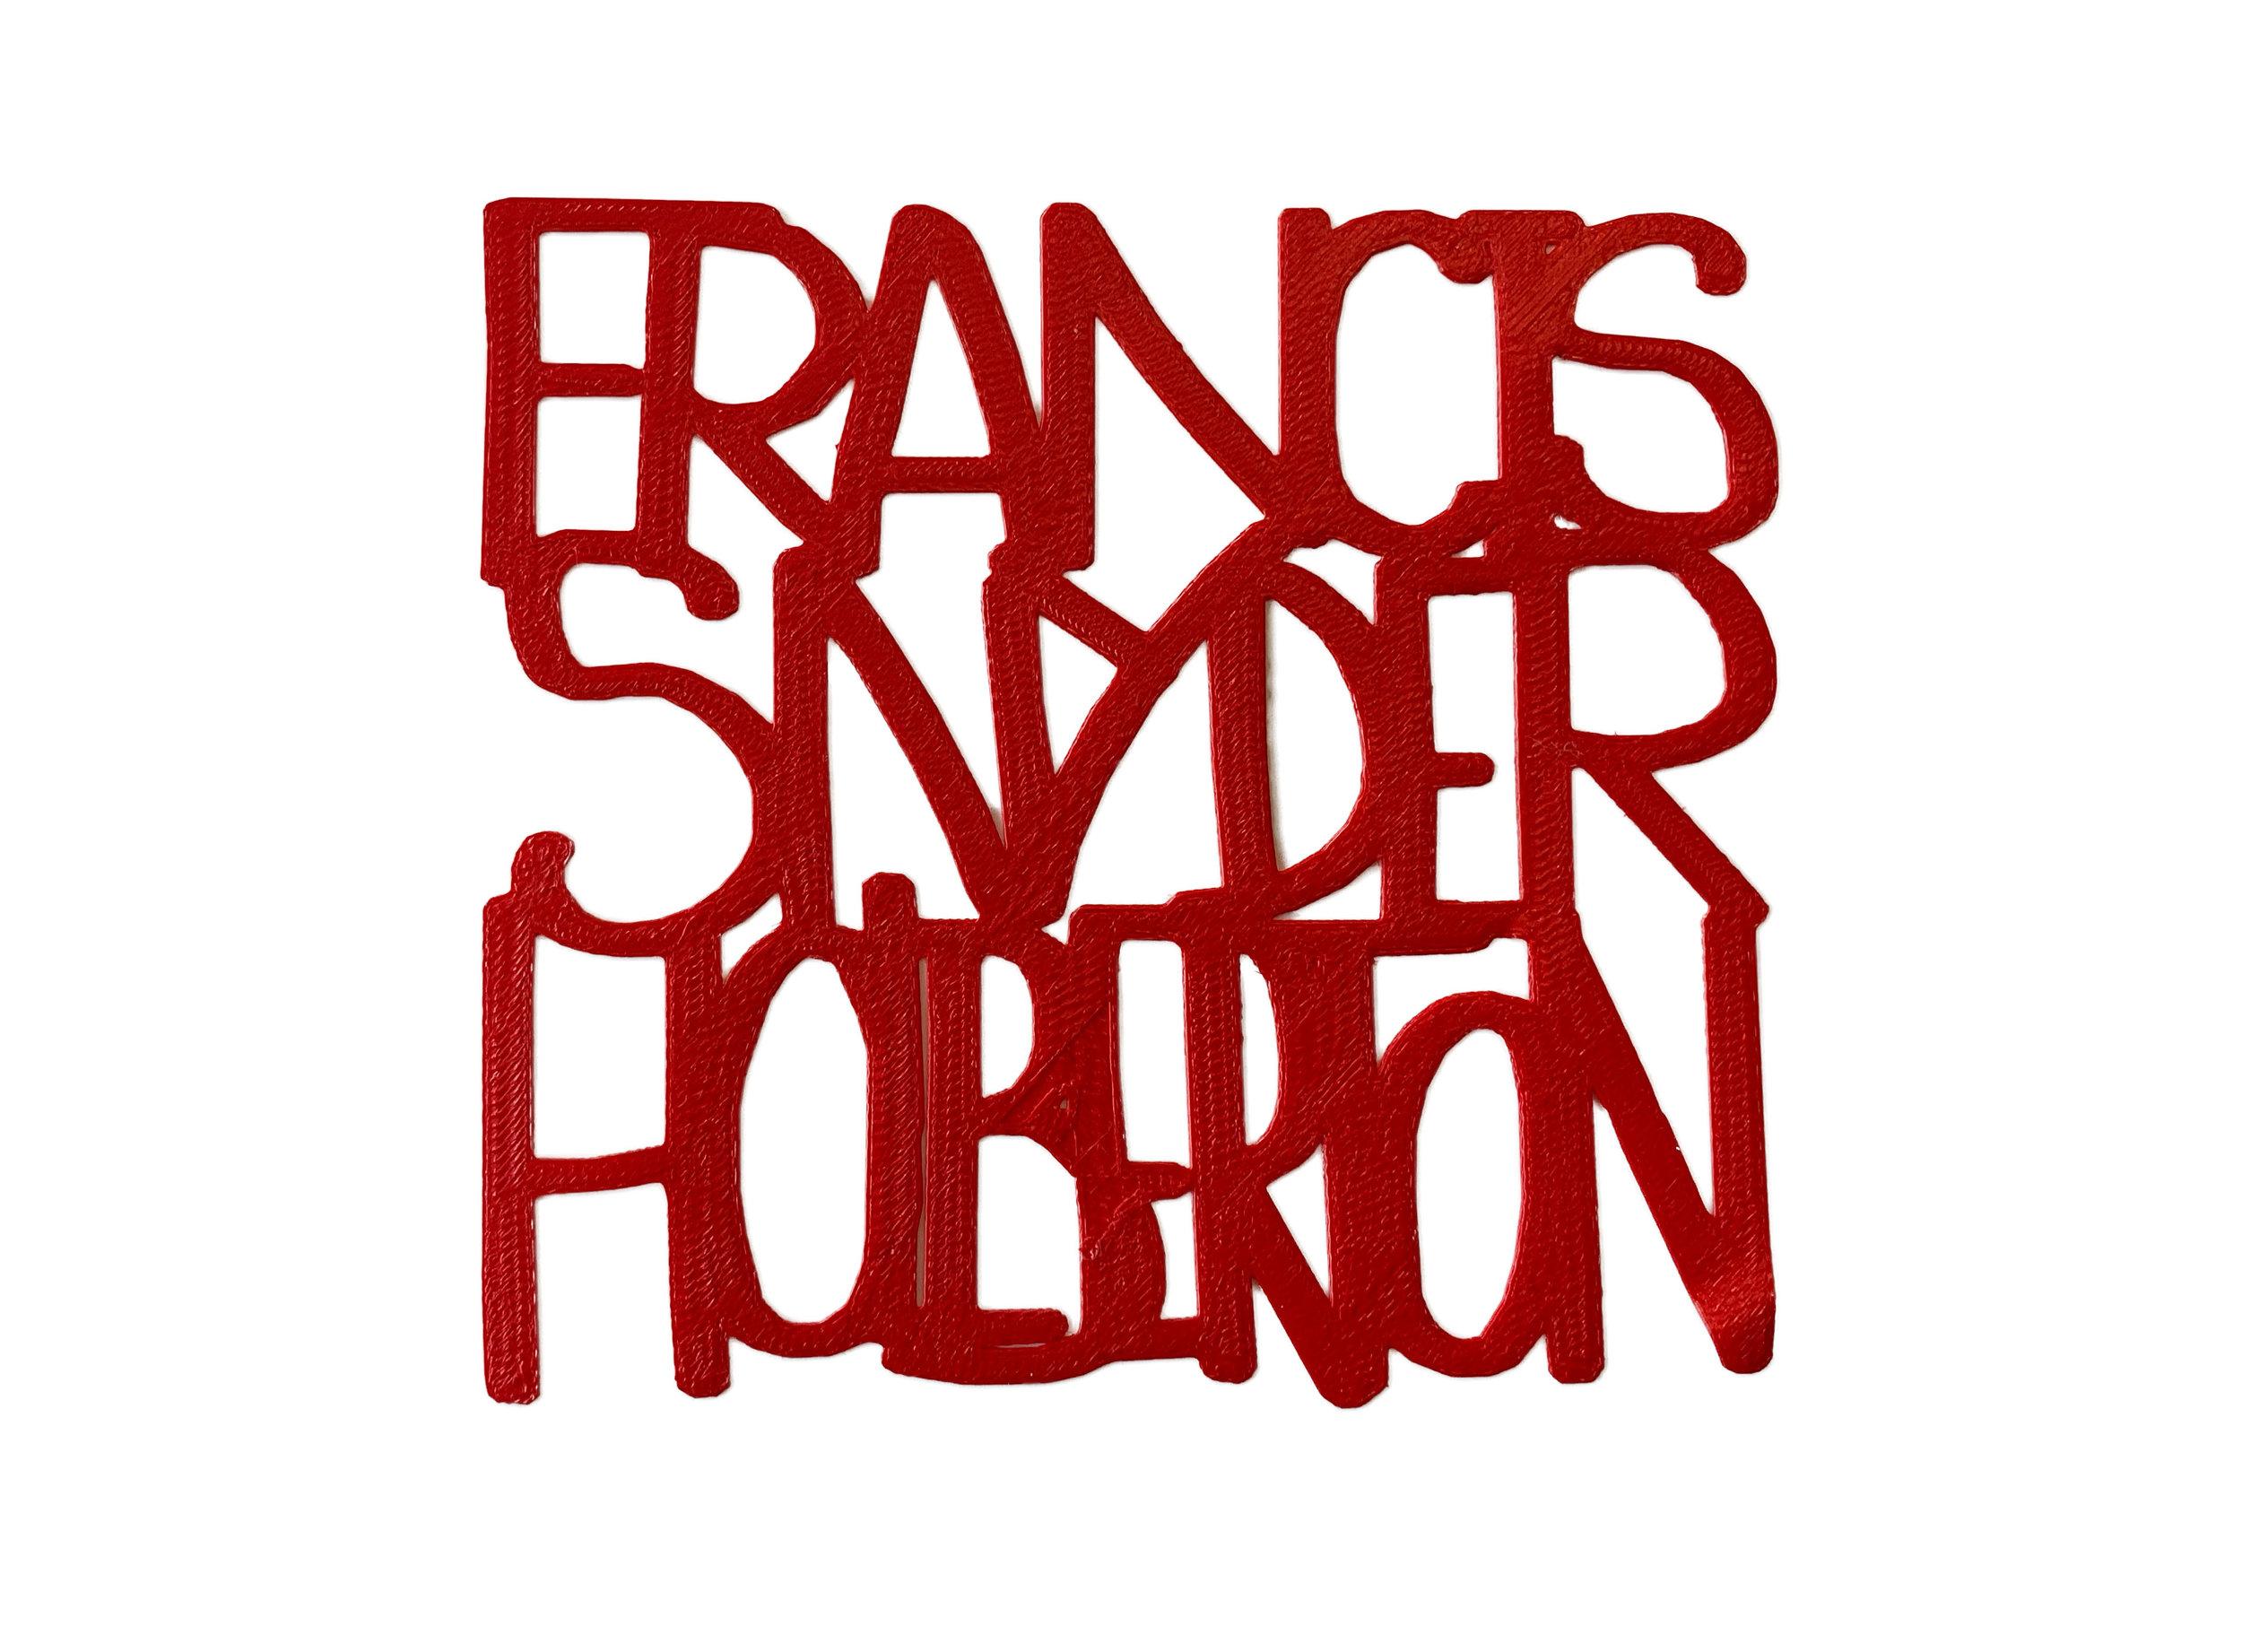 Frances Snyder Holberton.jpg